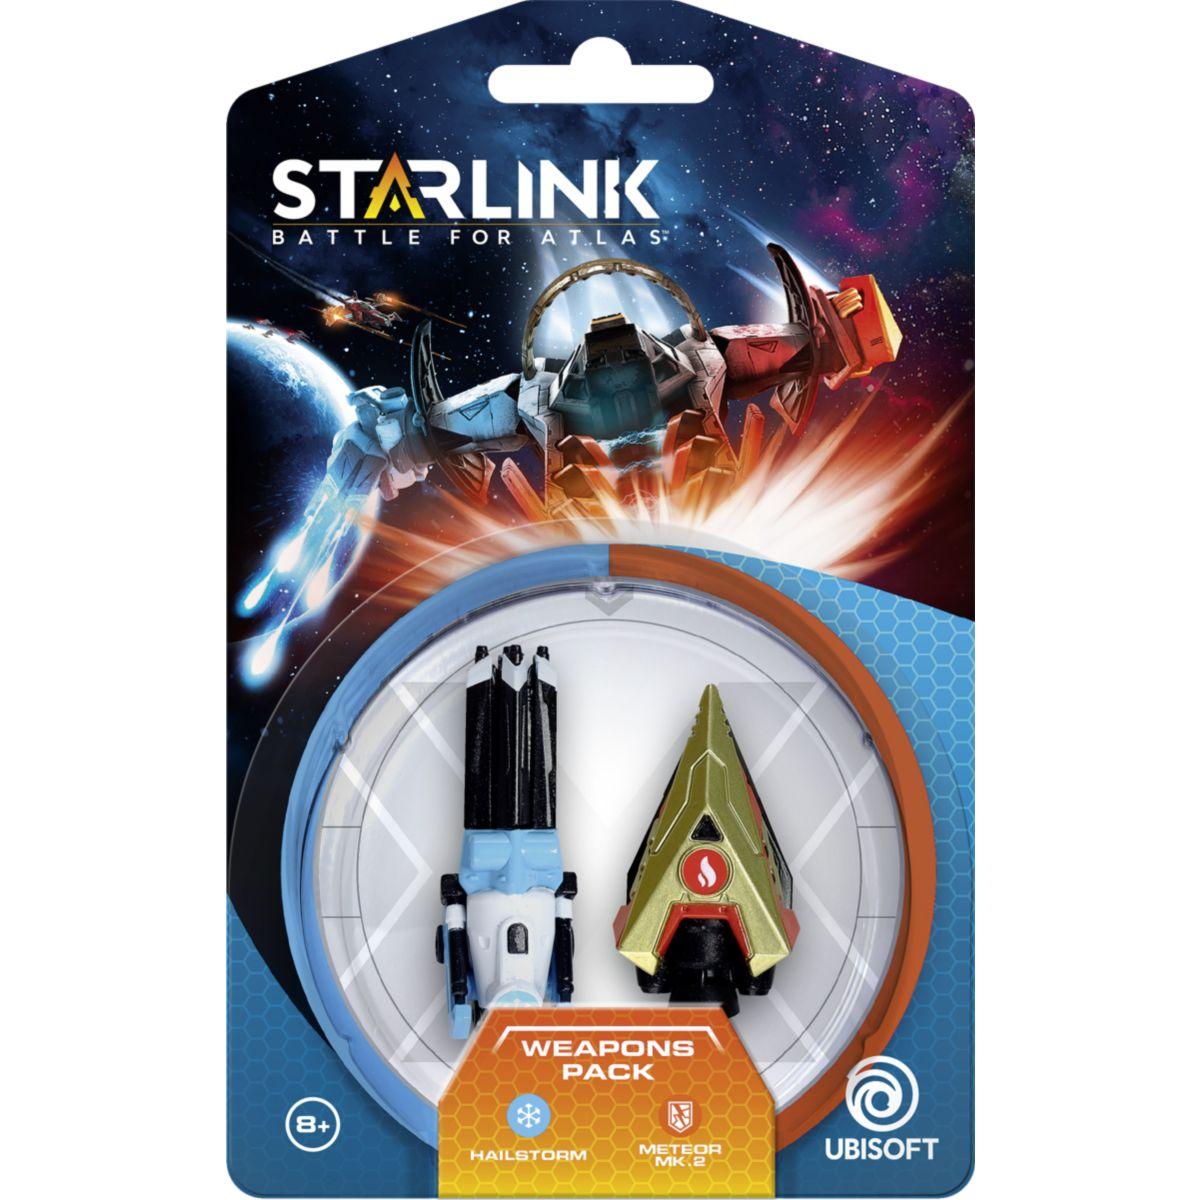 Jouet connecté UBISOFT Starlink Pack d'armes Hail Storm+meteor (photo)